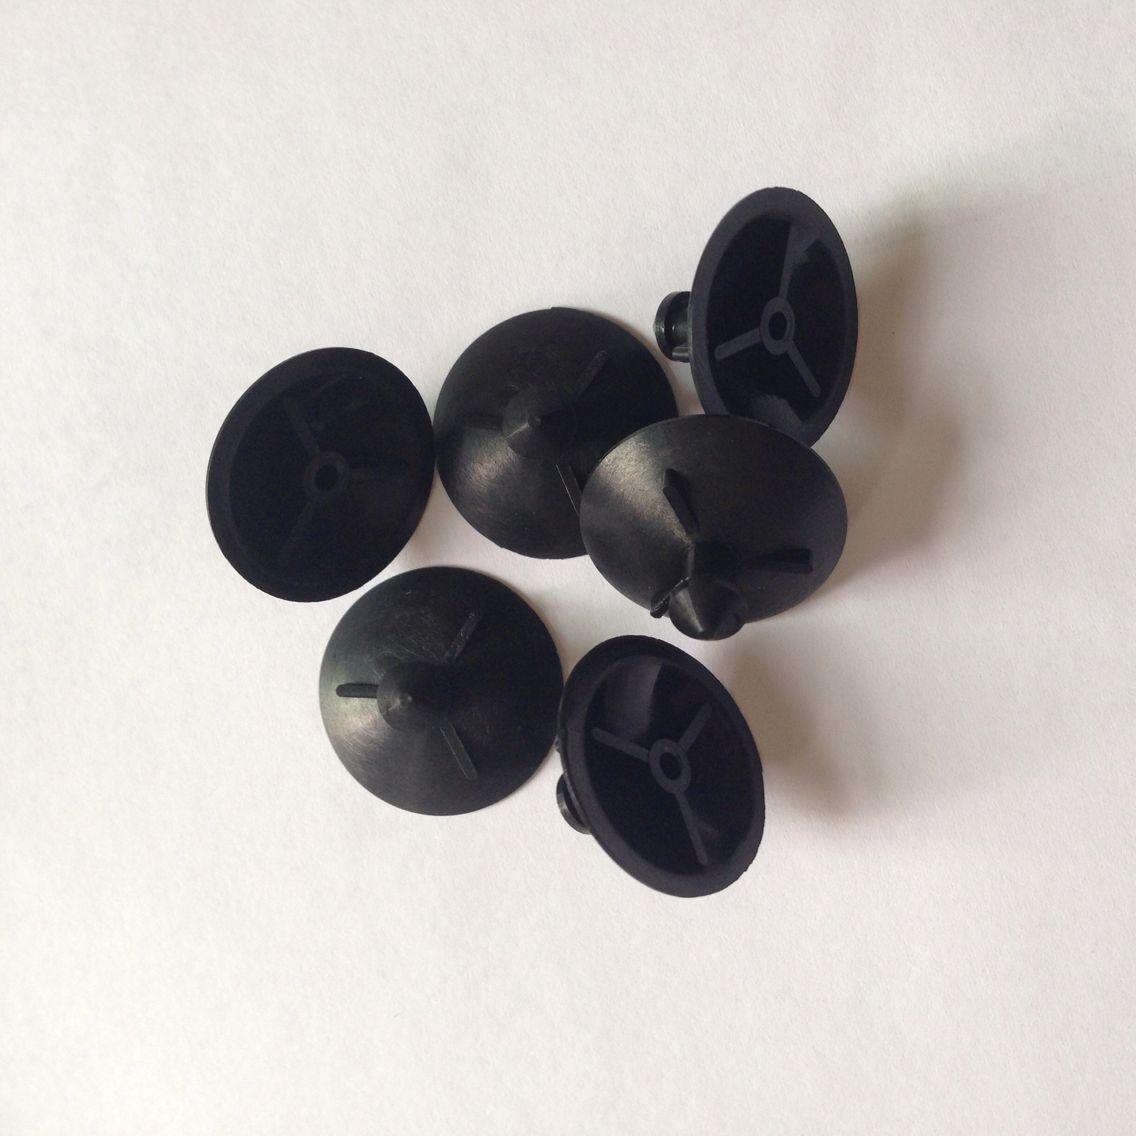 出水盘厦门韩成橡胶制品专业供应-橡胶加工